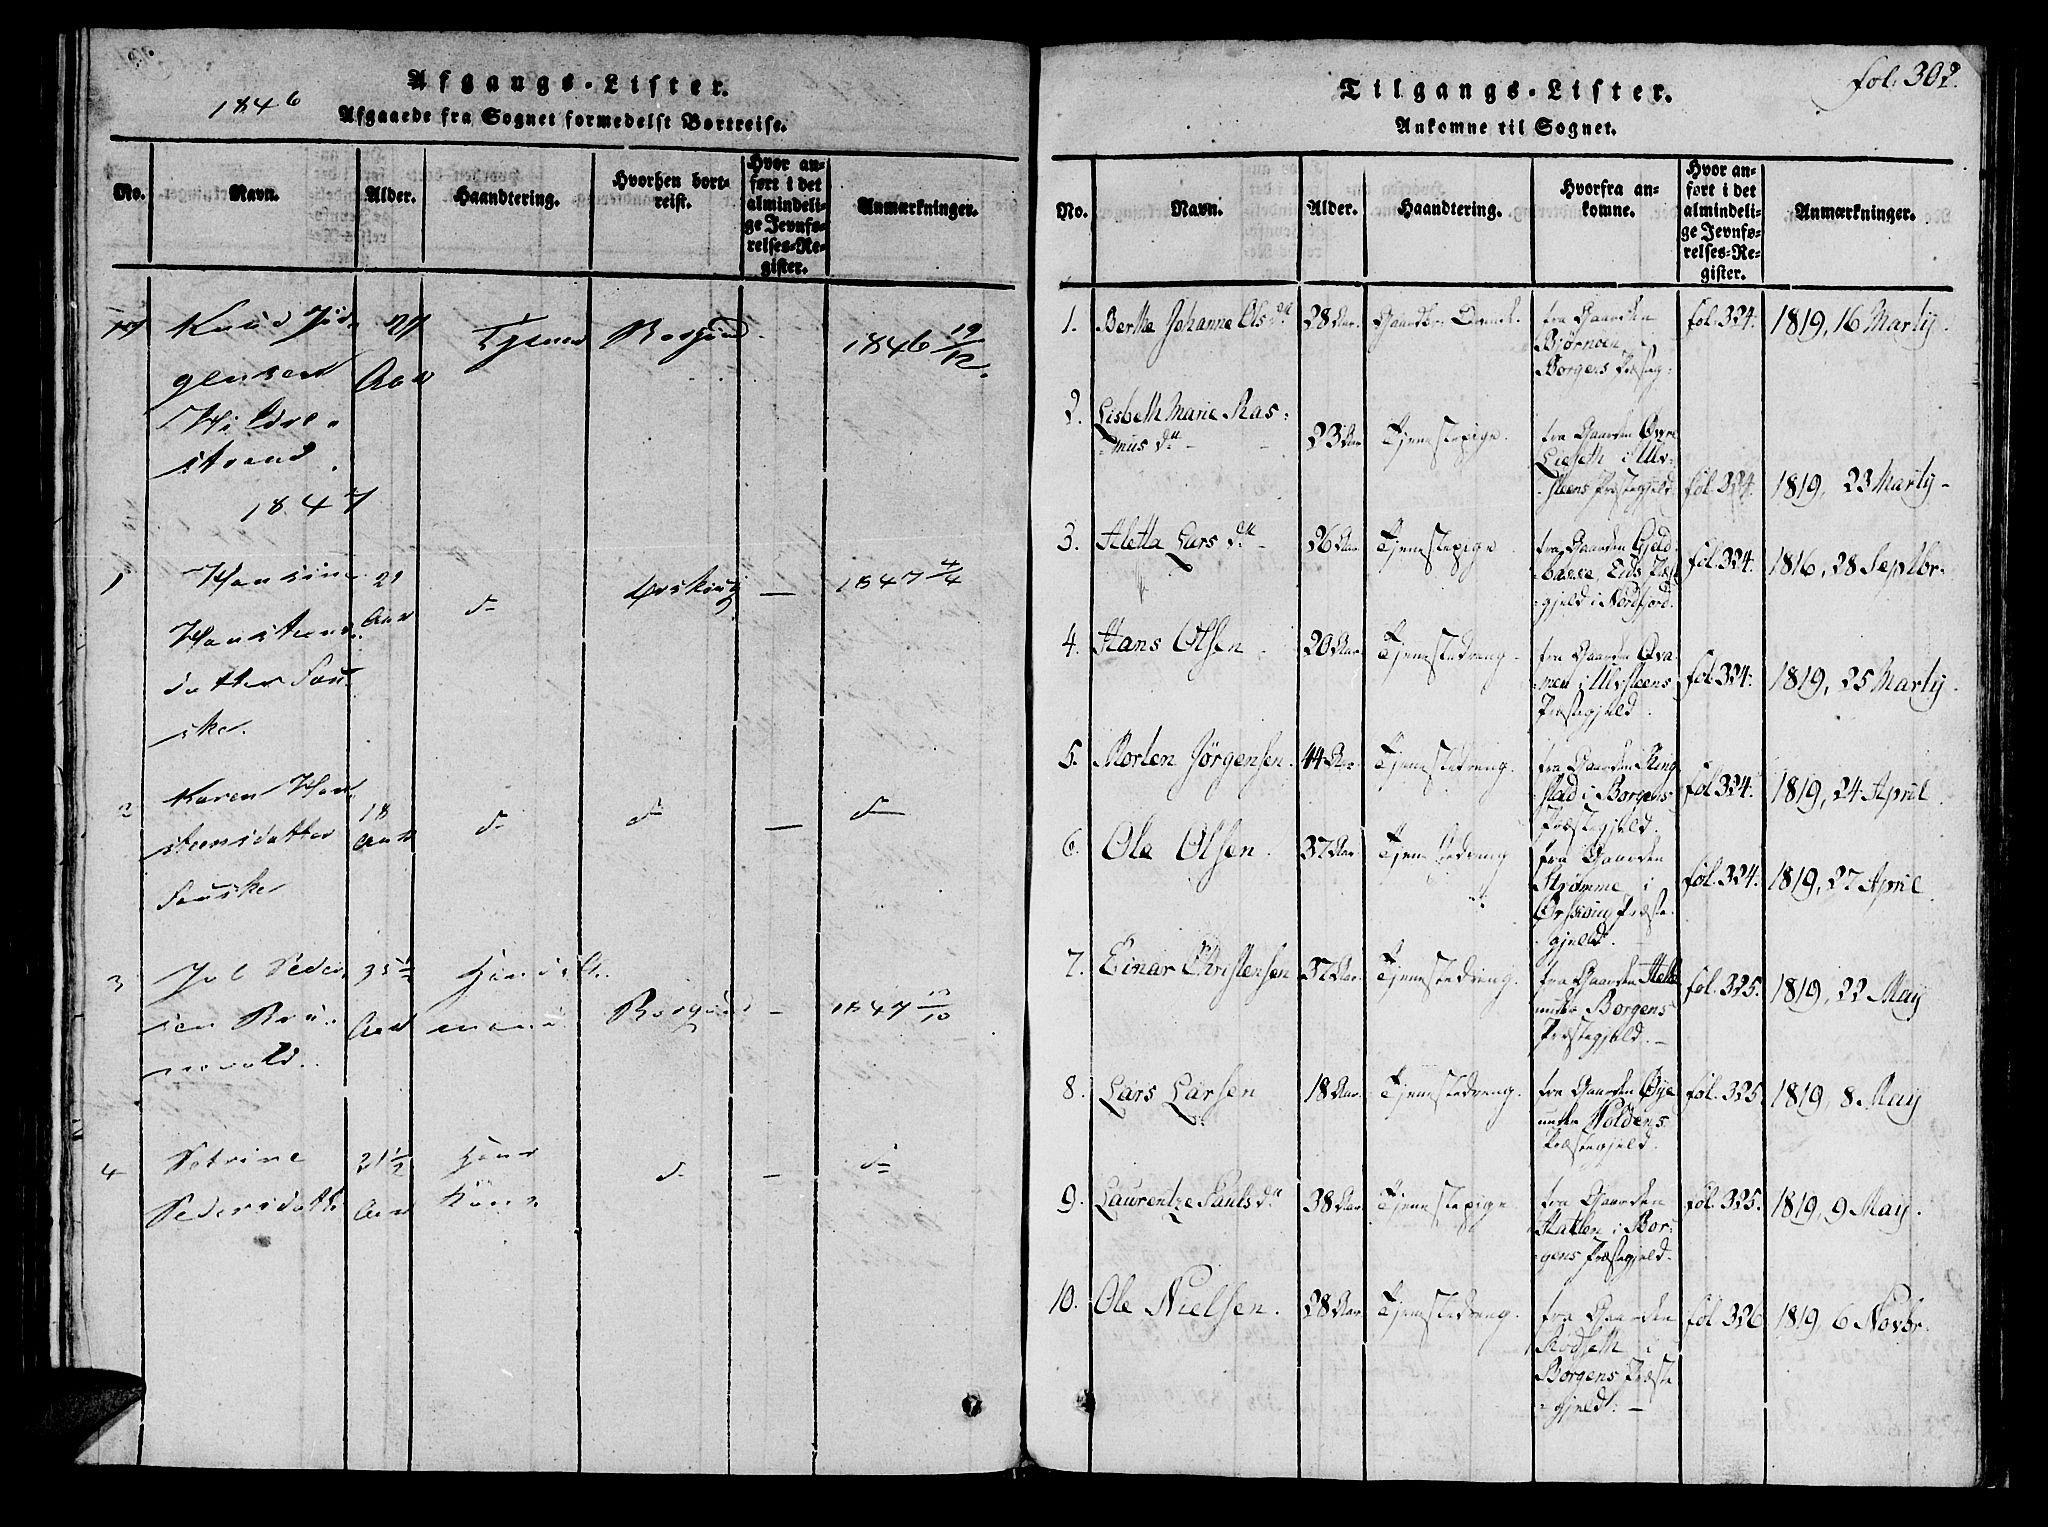 SAT, Ministerialprotokoller, klokkerbøker og fødselsregistre - Møre og Romsdal, 536/L0495: Ministerialbok nr. 536A04, 1818-1847, s. 292